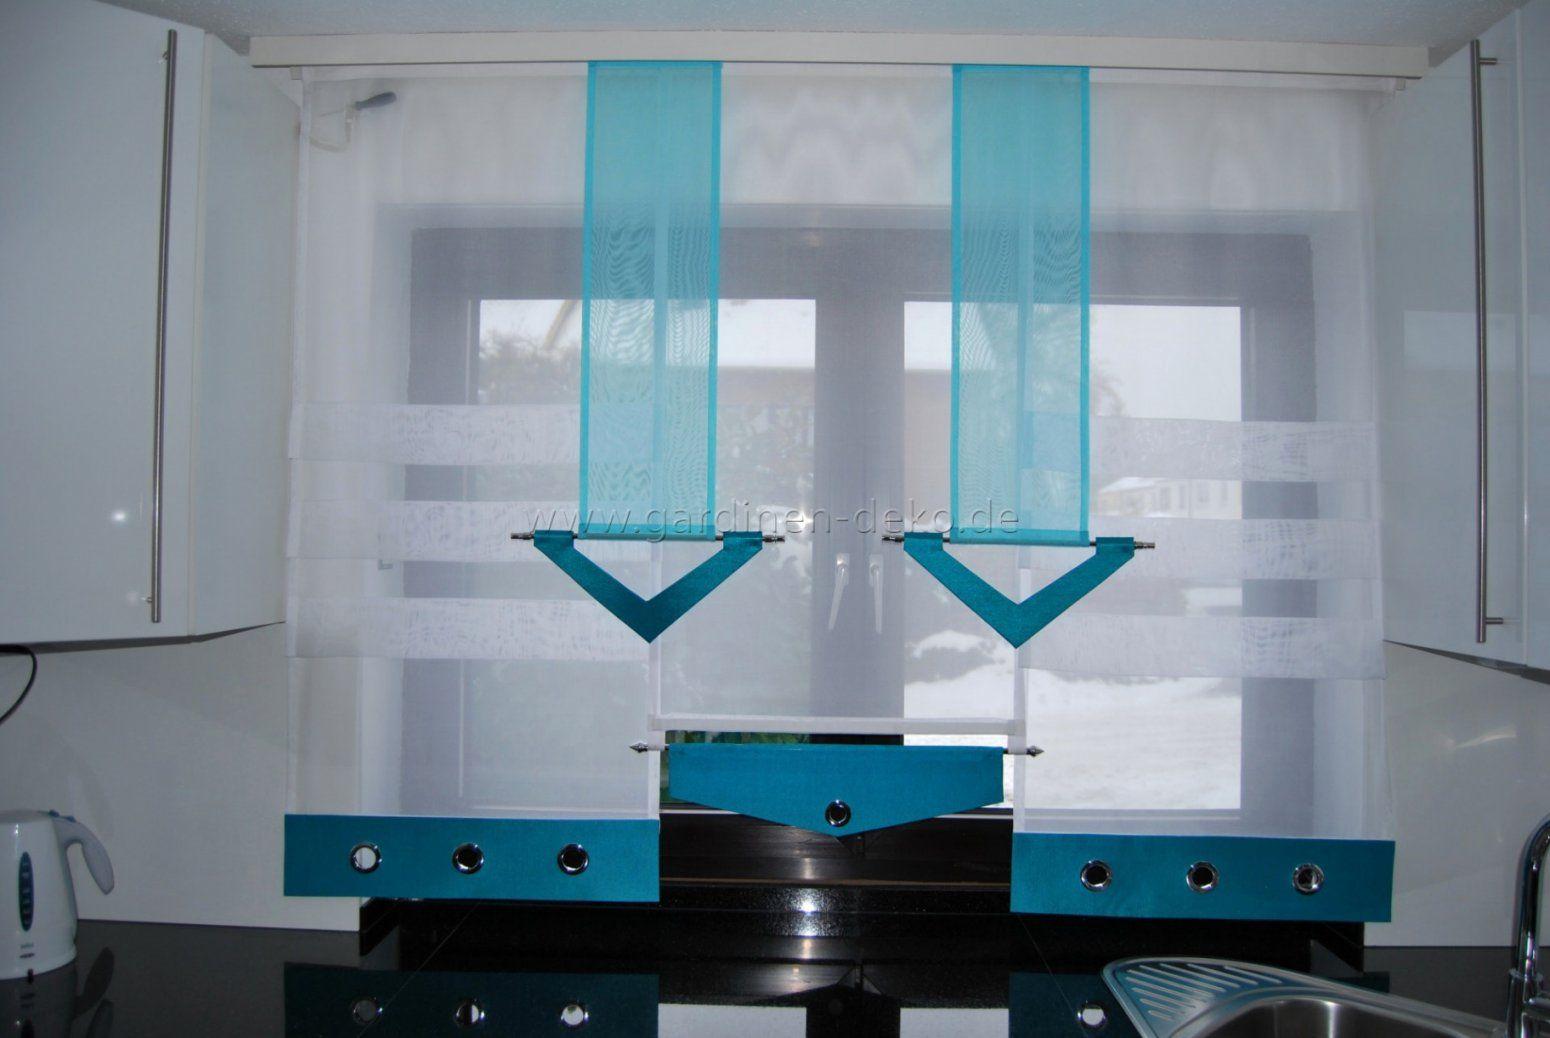 Full Size of Kchen Gardinen Gardinenwelt Angelina Für Wohnzimmer Küchen Regal Die Küche Schlafzimmer Fenster Scheibengardinen Wohnzimmer Küchen Gardinen